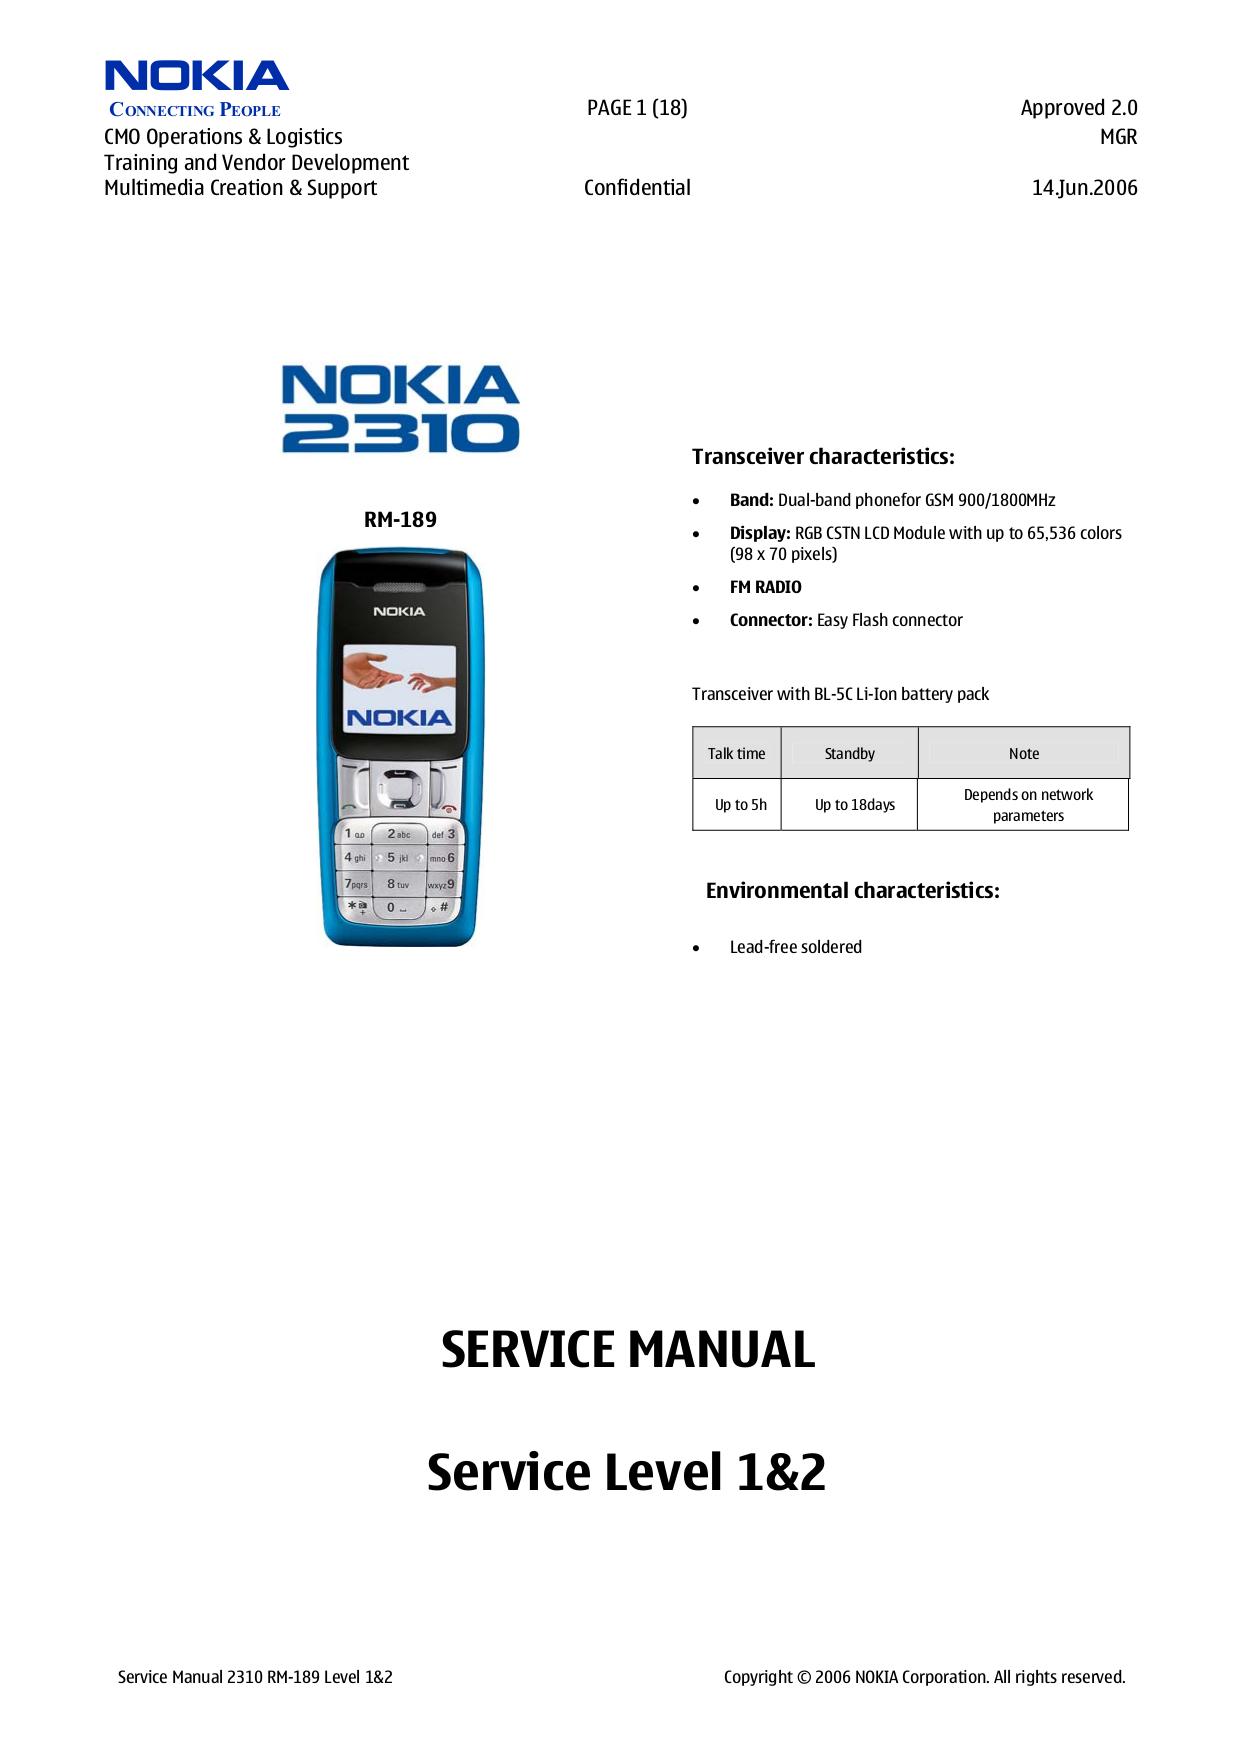 Nokia 2310 flash file exe | All About Mobiles: NOKIA FLASH